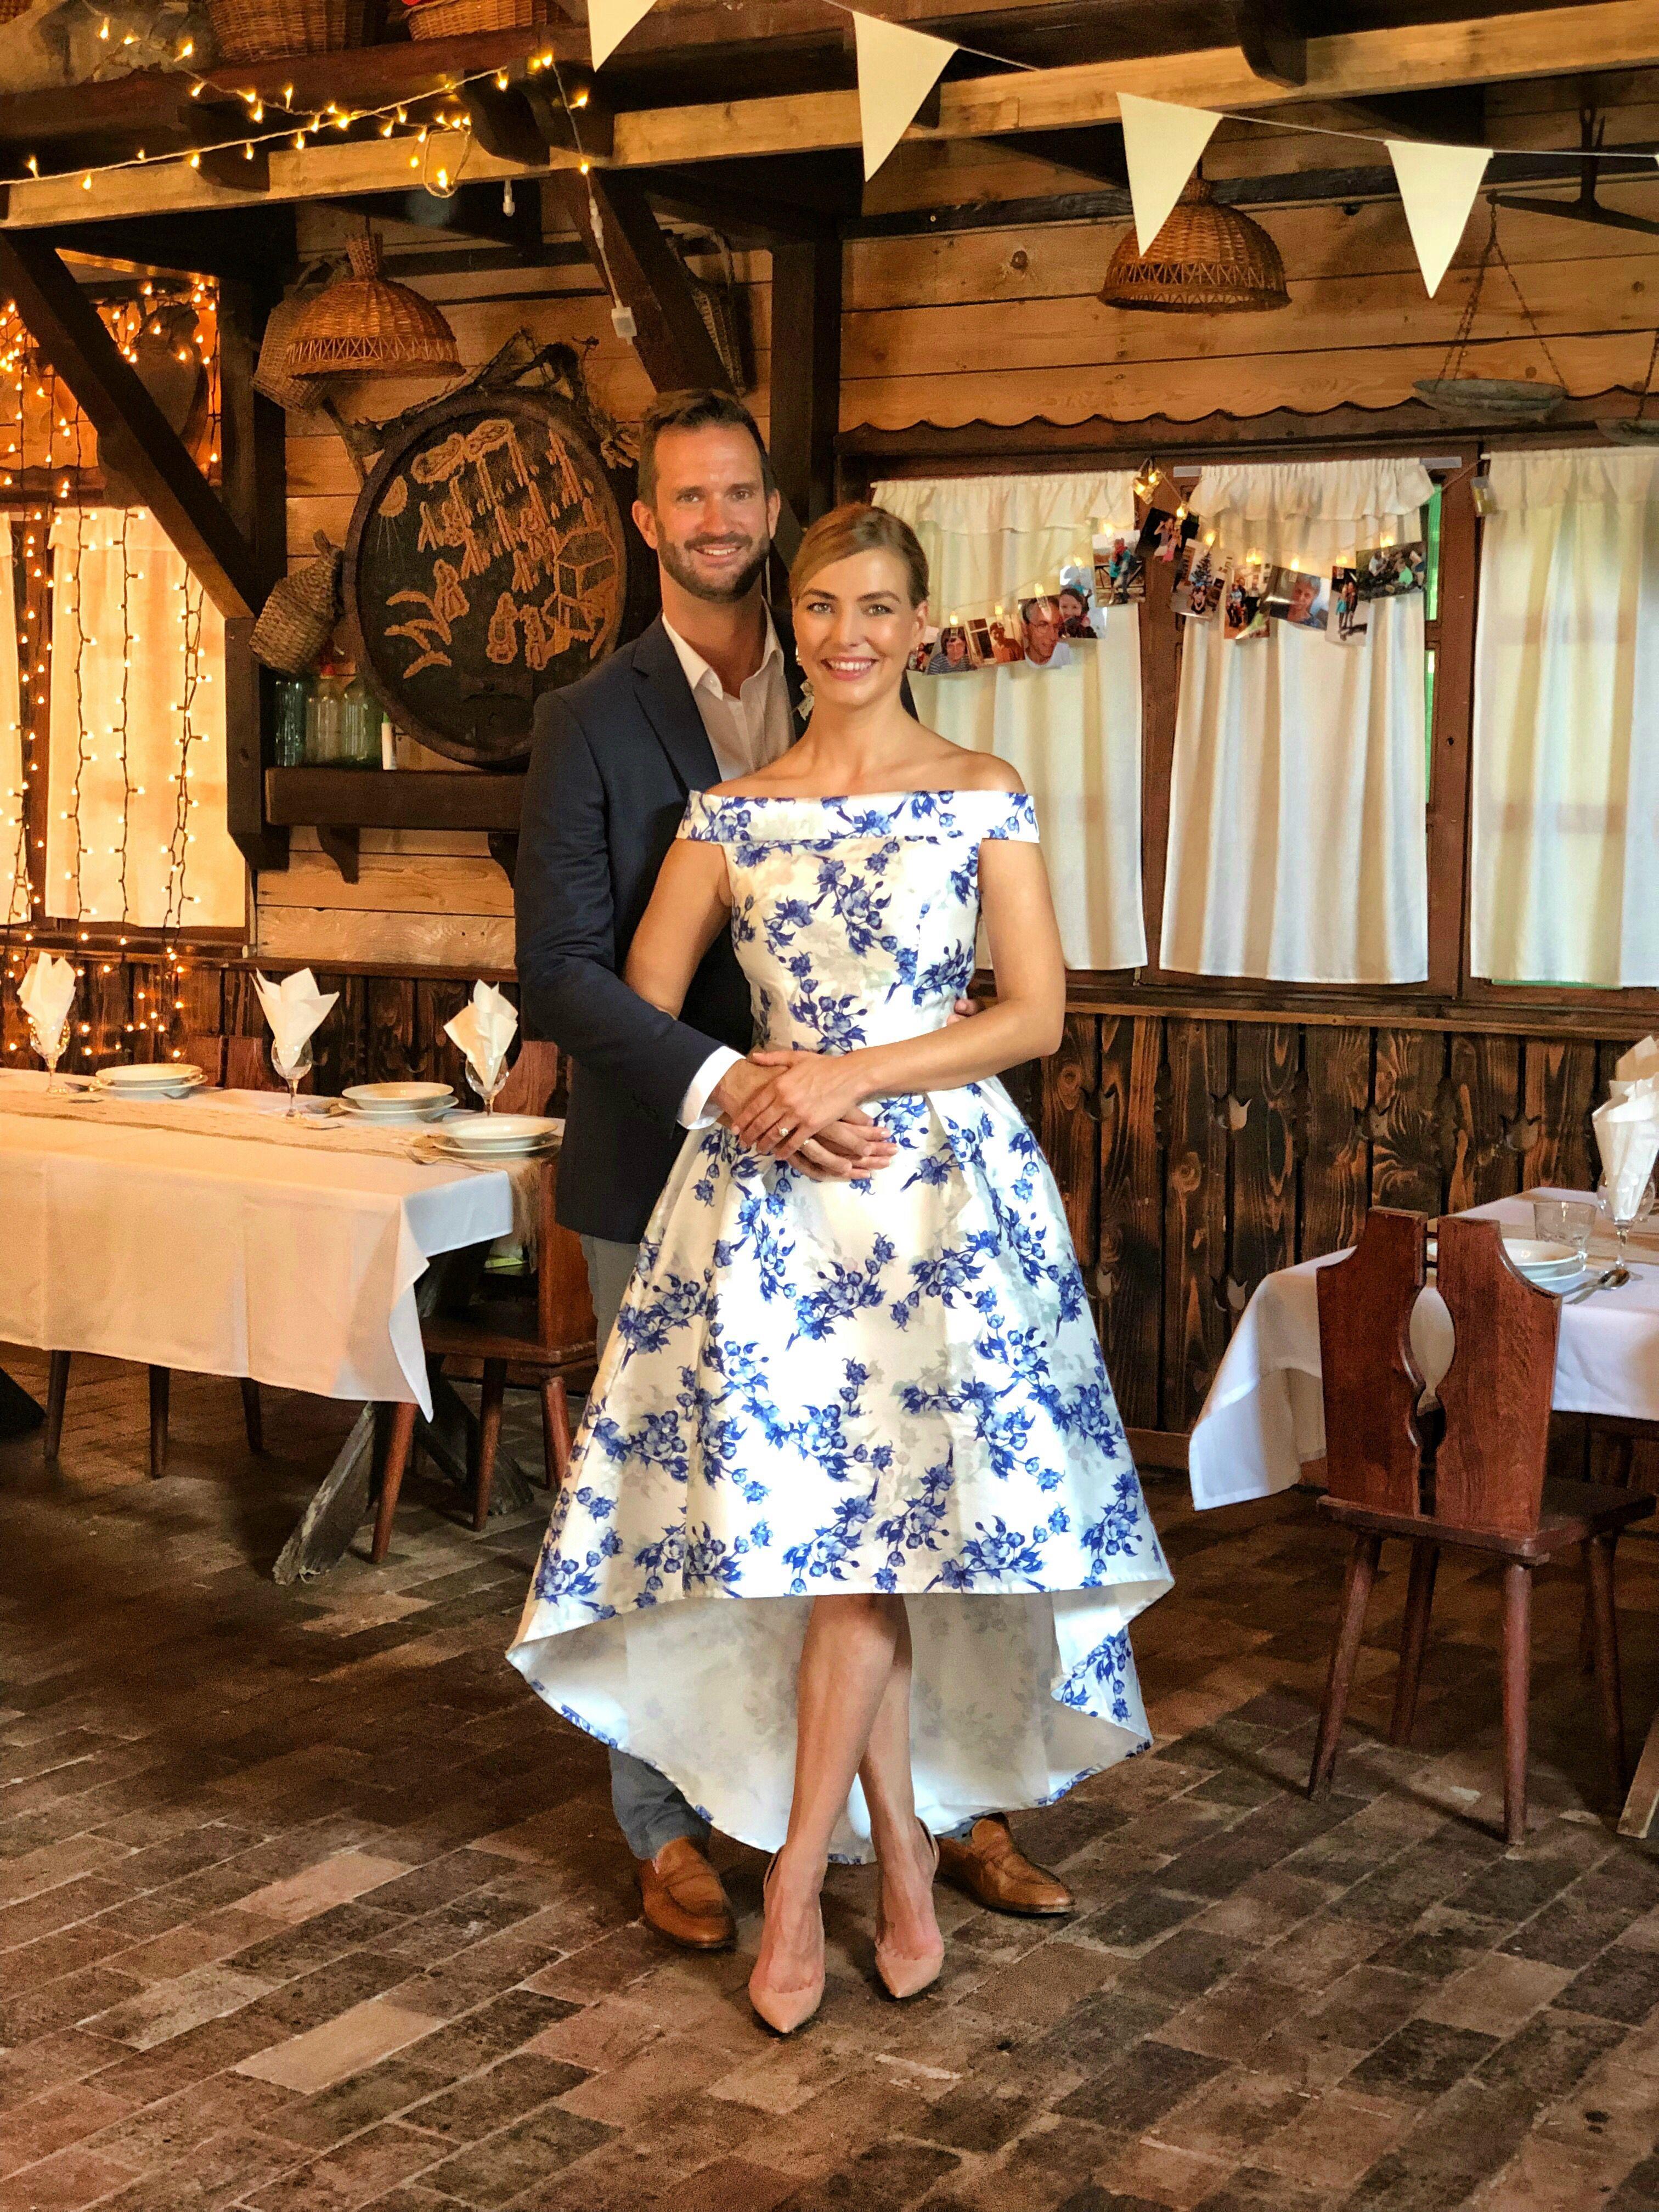 Wedding guest dress ideas  Wedding guest dress outfit ideas couple  Norie WeddingCouple